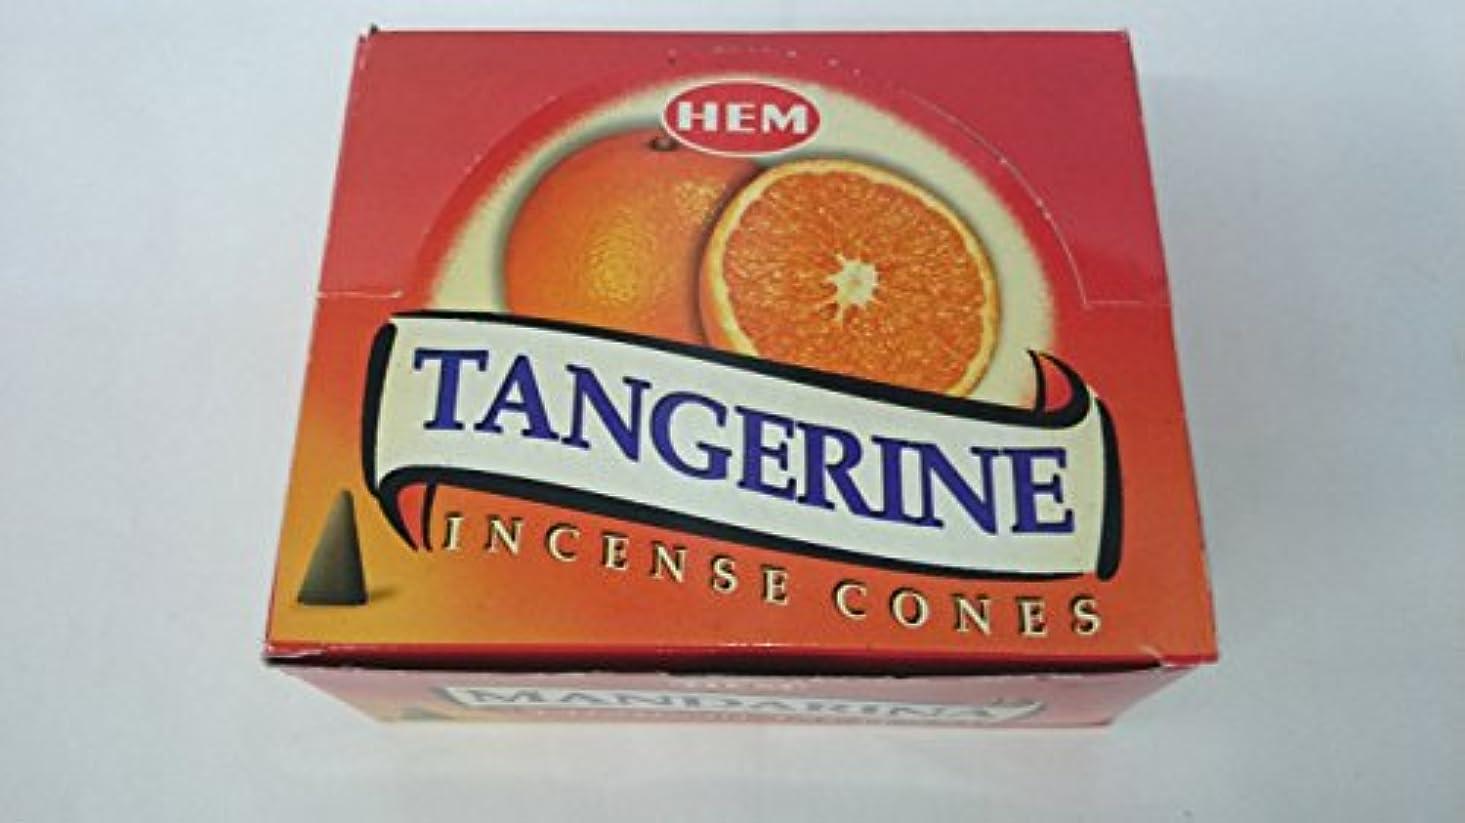 上下する資本ジャンクHEM(ヘム)お香 タンジェリン(マンダリン オレンジ) コーンタイプ 1ケース(10粒入り1箱×12箱)